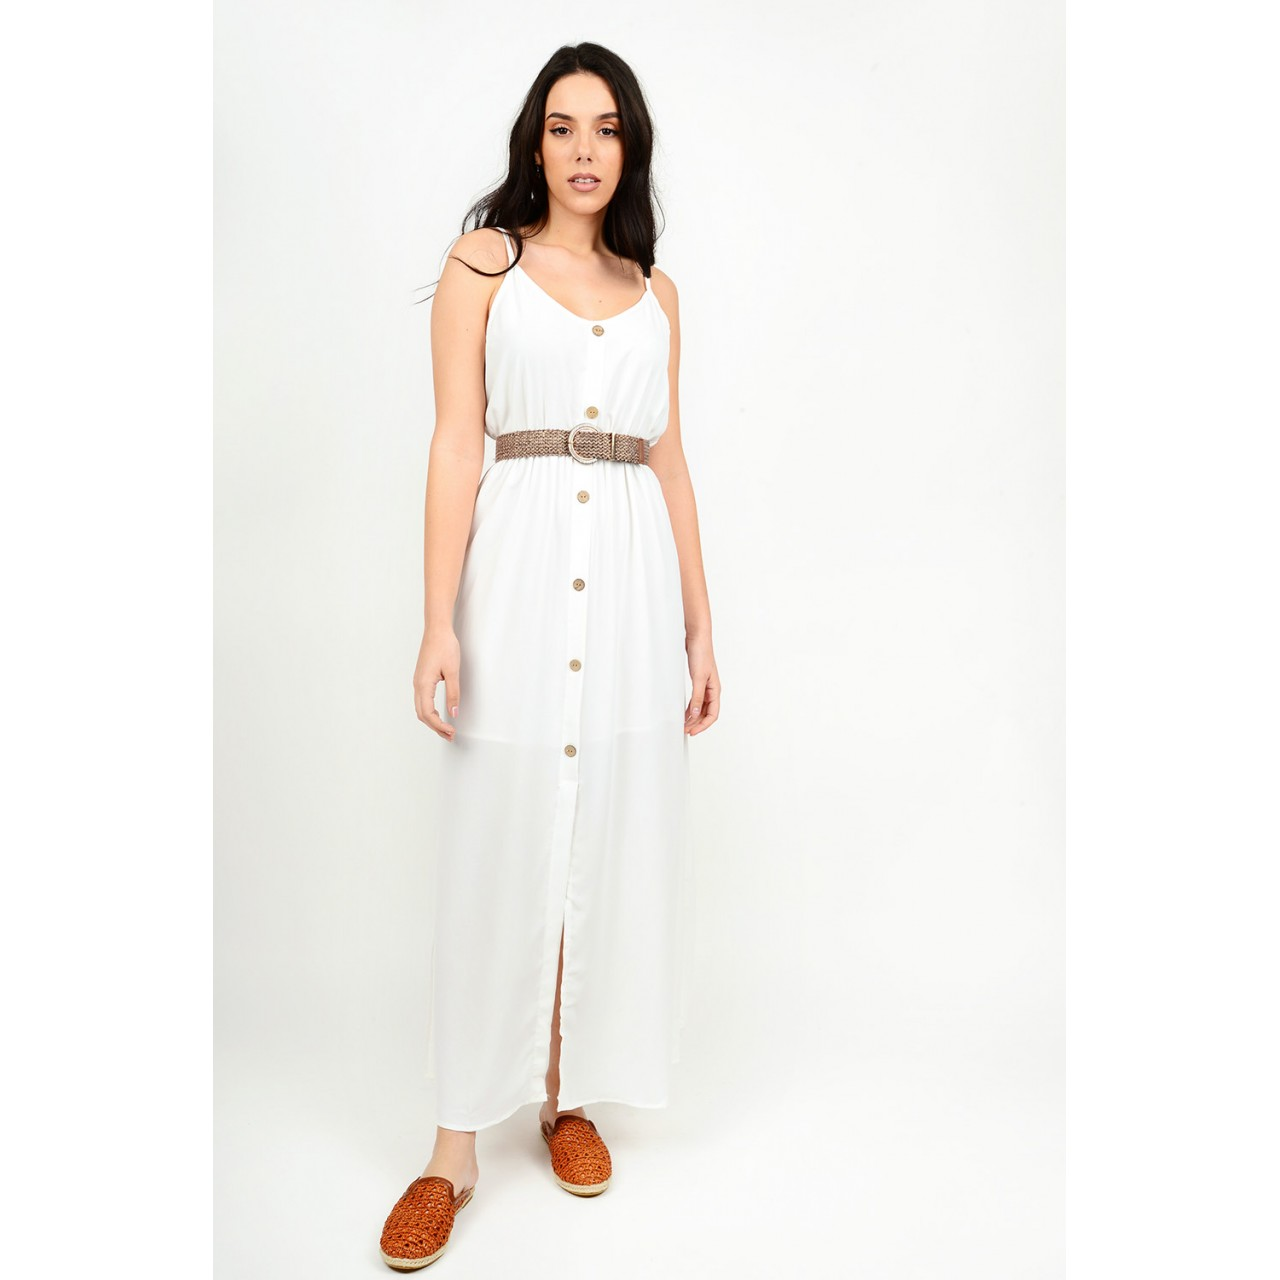 330.Φόρεμα μακρύ με κουμπιά